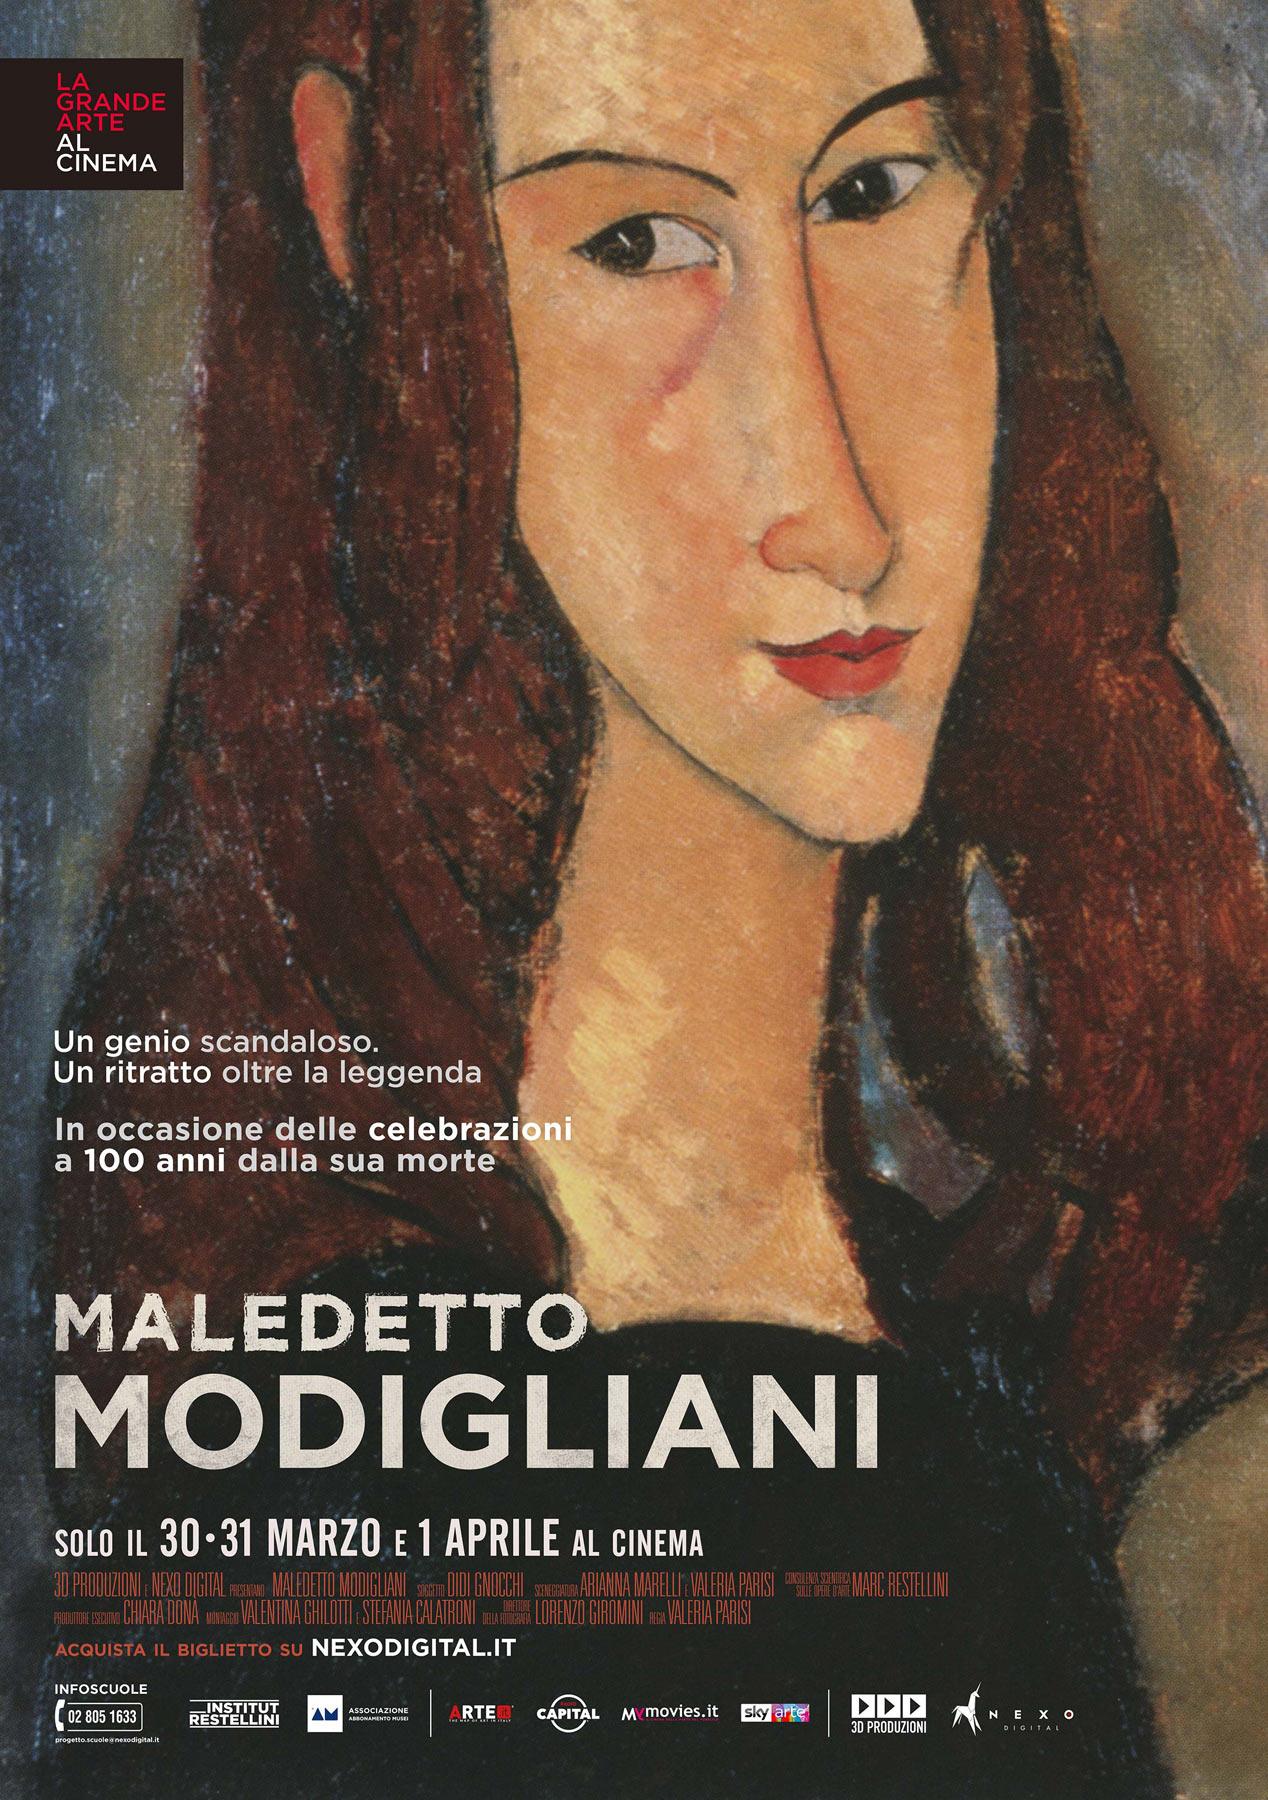 Un documentario per Amedeo Modigliani nel centenario della scomparsa. Arriva al cinema a marzo